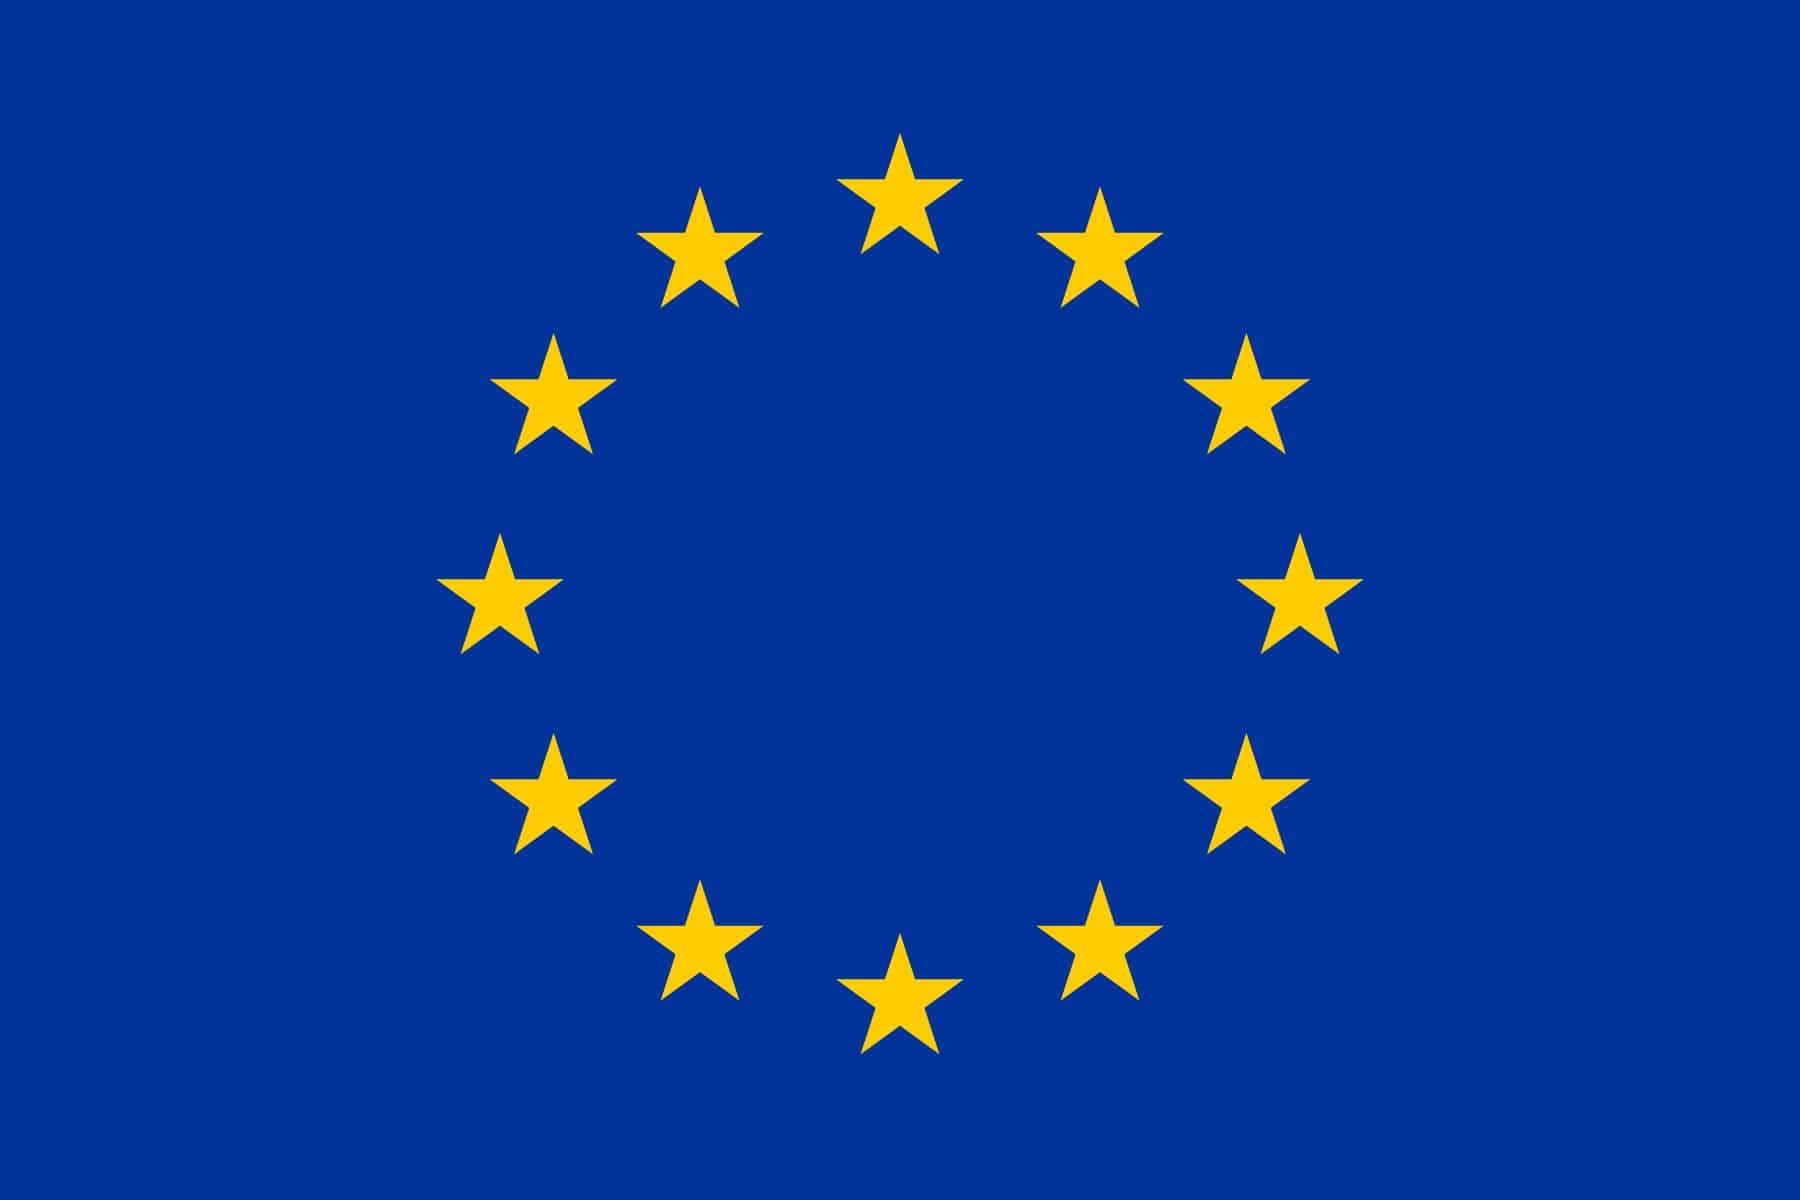 Convocatorias por valor de 12 millones de euros en apoyo de los medios informativos y de la esfera pública de la UE